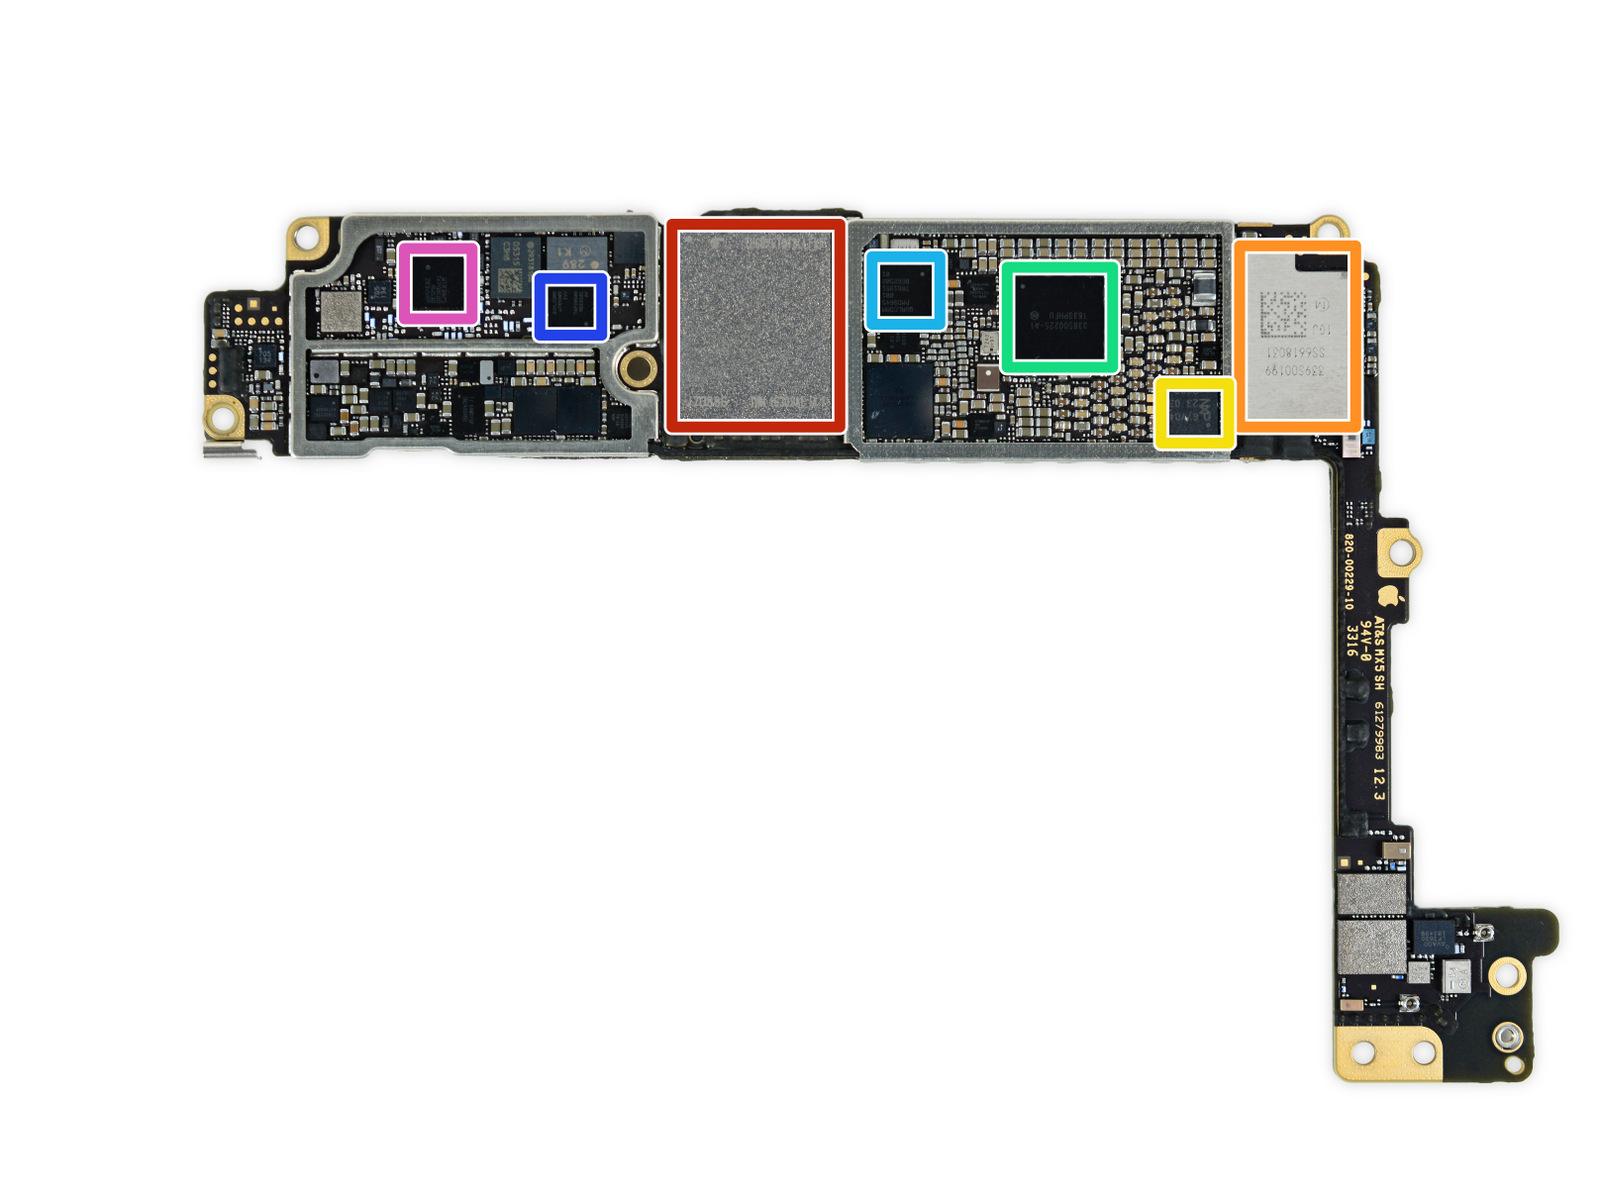 Placa base del iPhone siete Plus